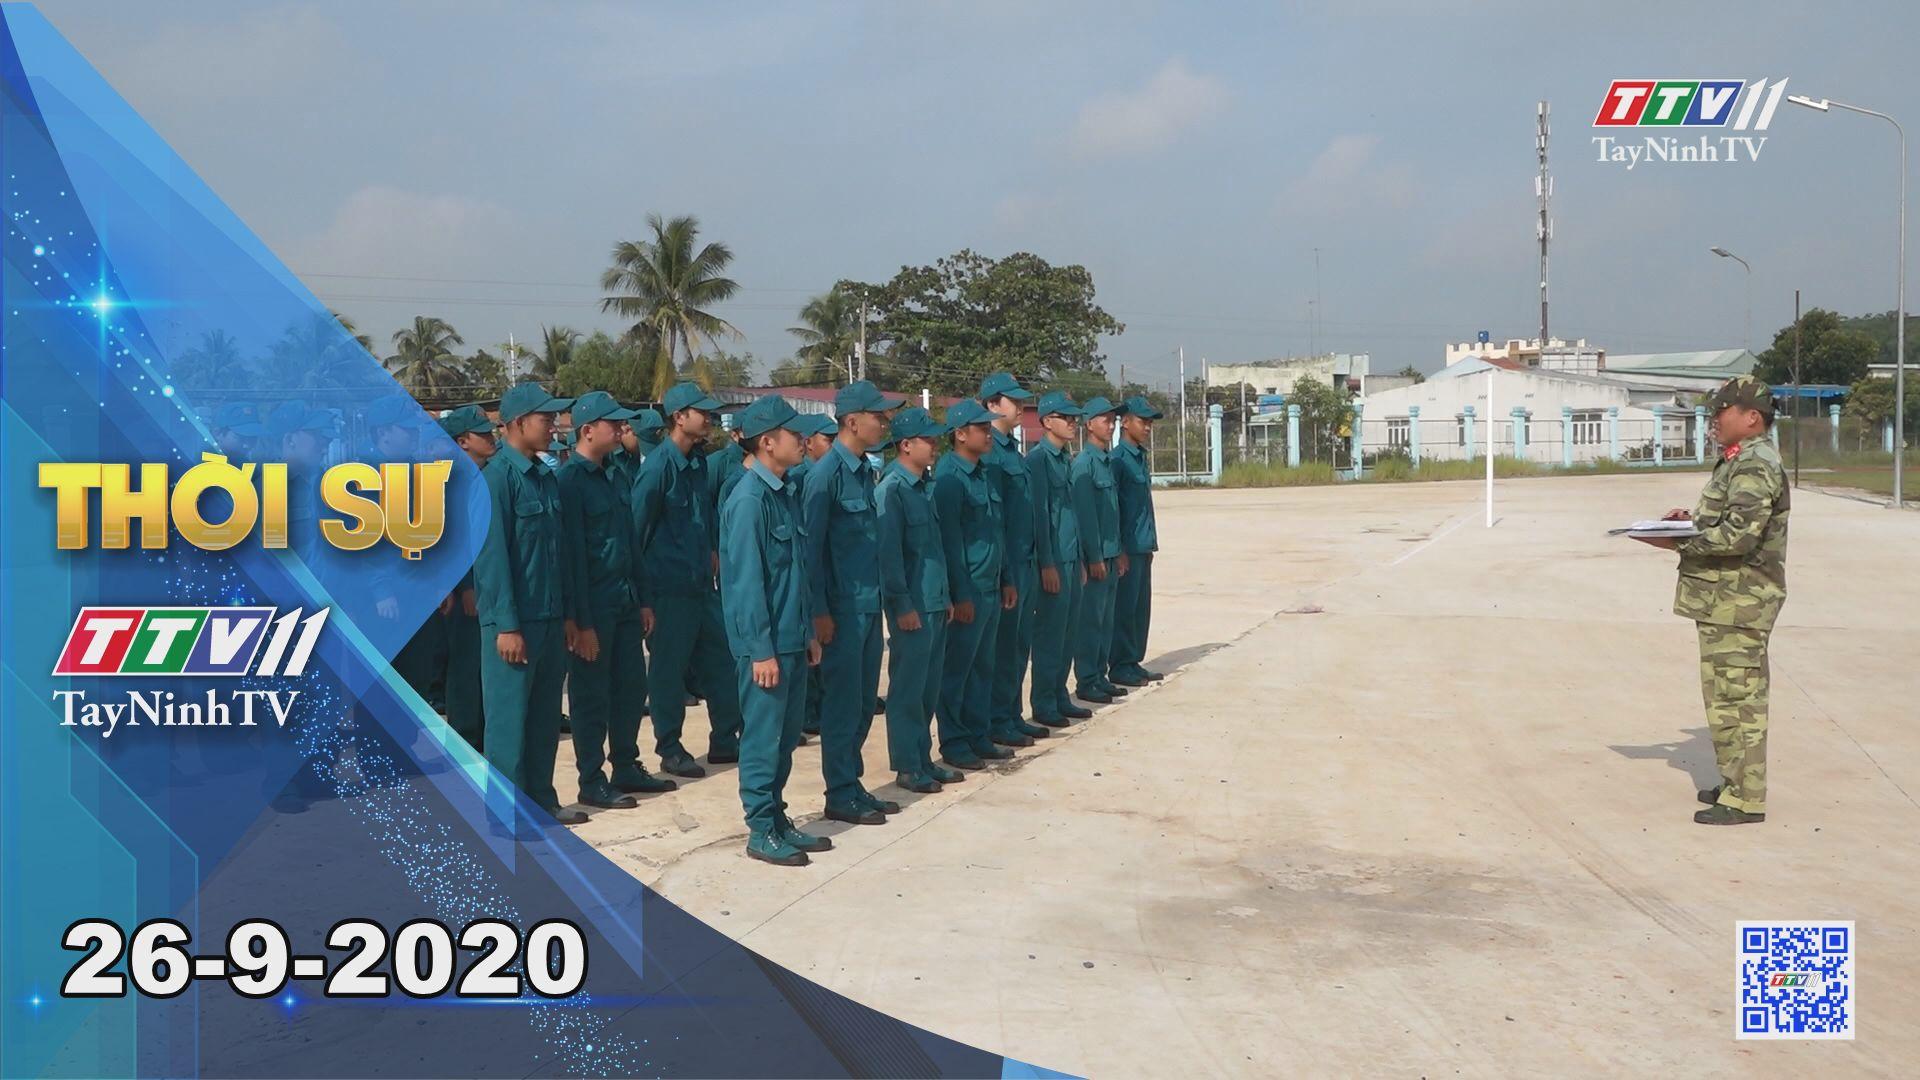 Thời sự Tây Ninh 26-9-2020 | Tin tức hôm nay | TayNinhTV